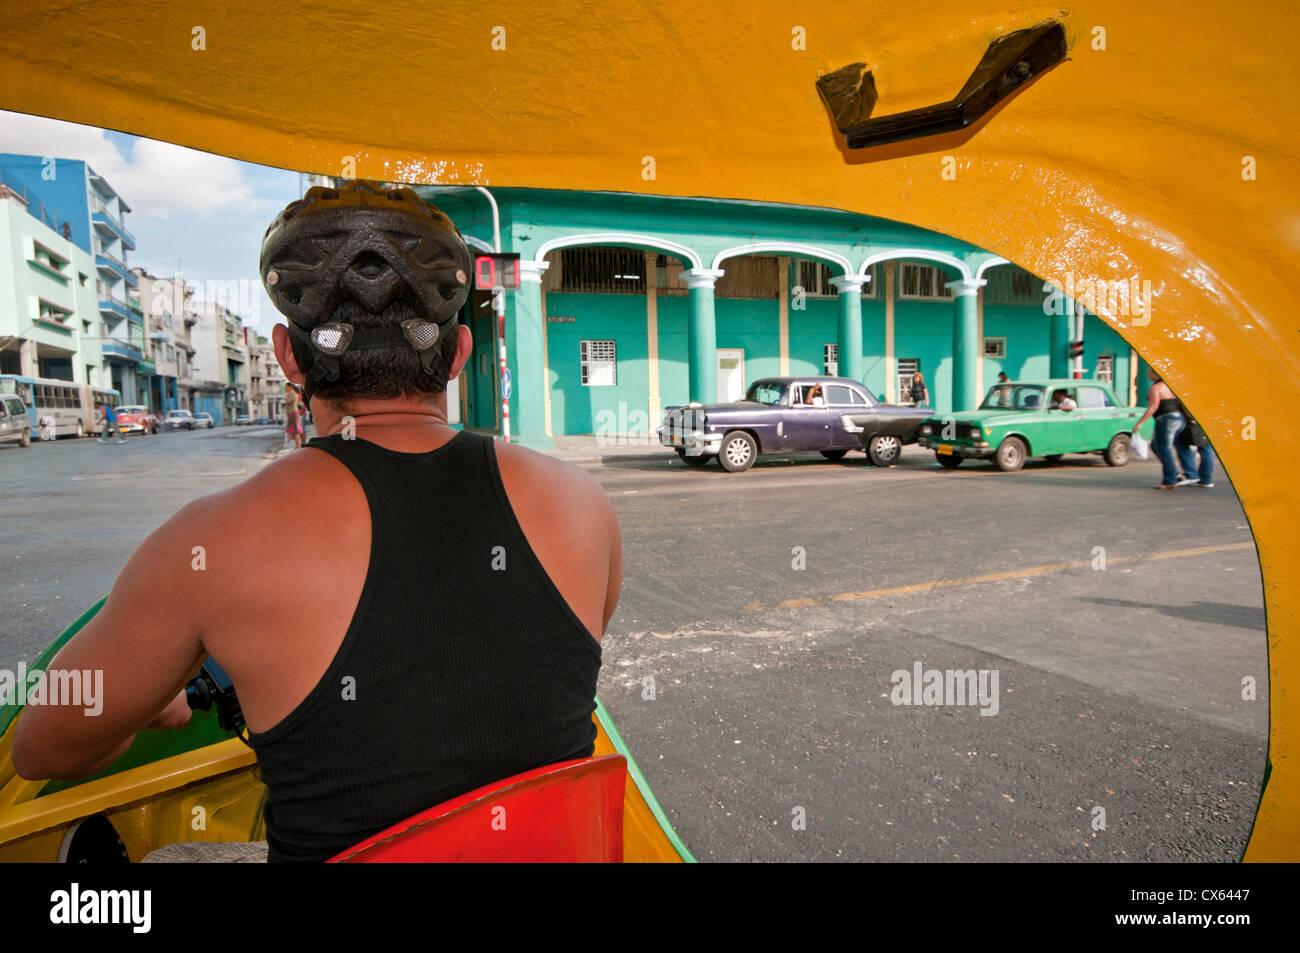 A Yellow Cocotaxi 3 Wheel Scooter Taxi, Habana Vedado, Havana, Cuba, Caribbean - Stock Image